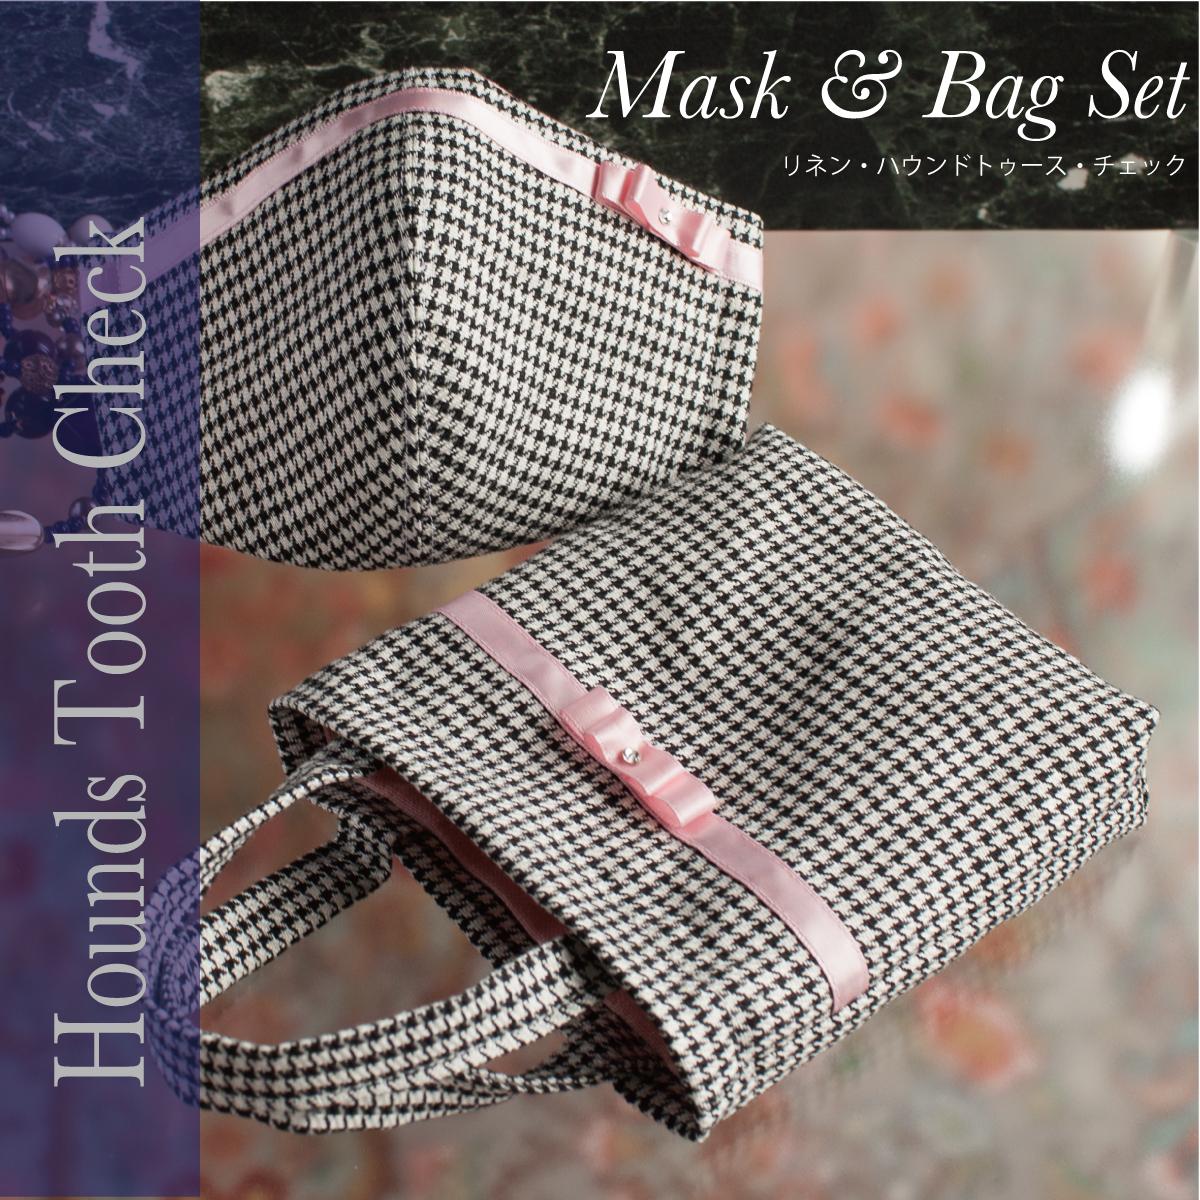 PSNY マスク&バッグセット・ハウンドトゥース・チェック・リュバン マスクポーチ 立体 マスク 送料無料 G01